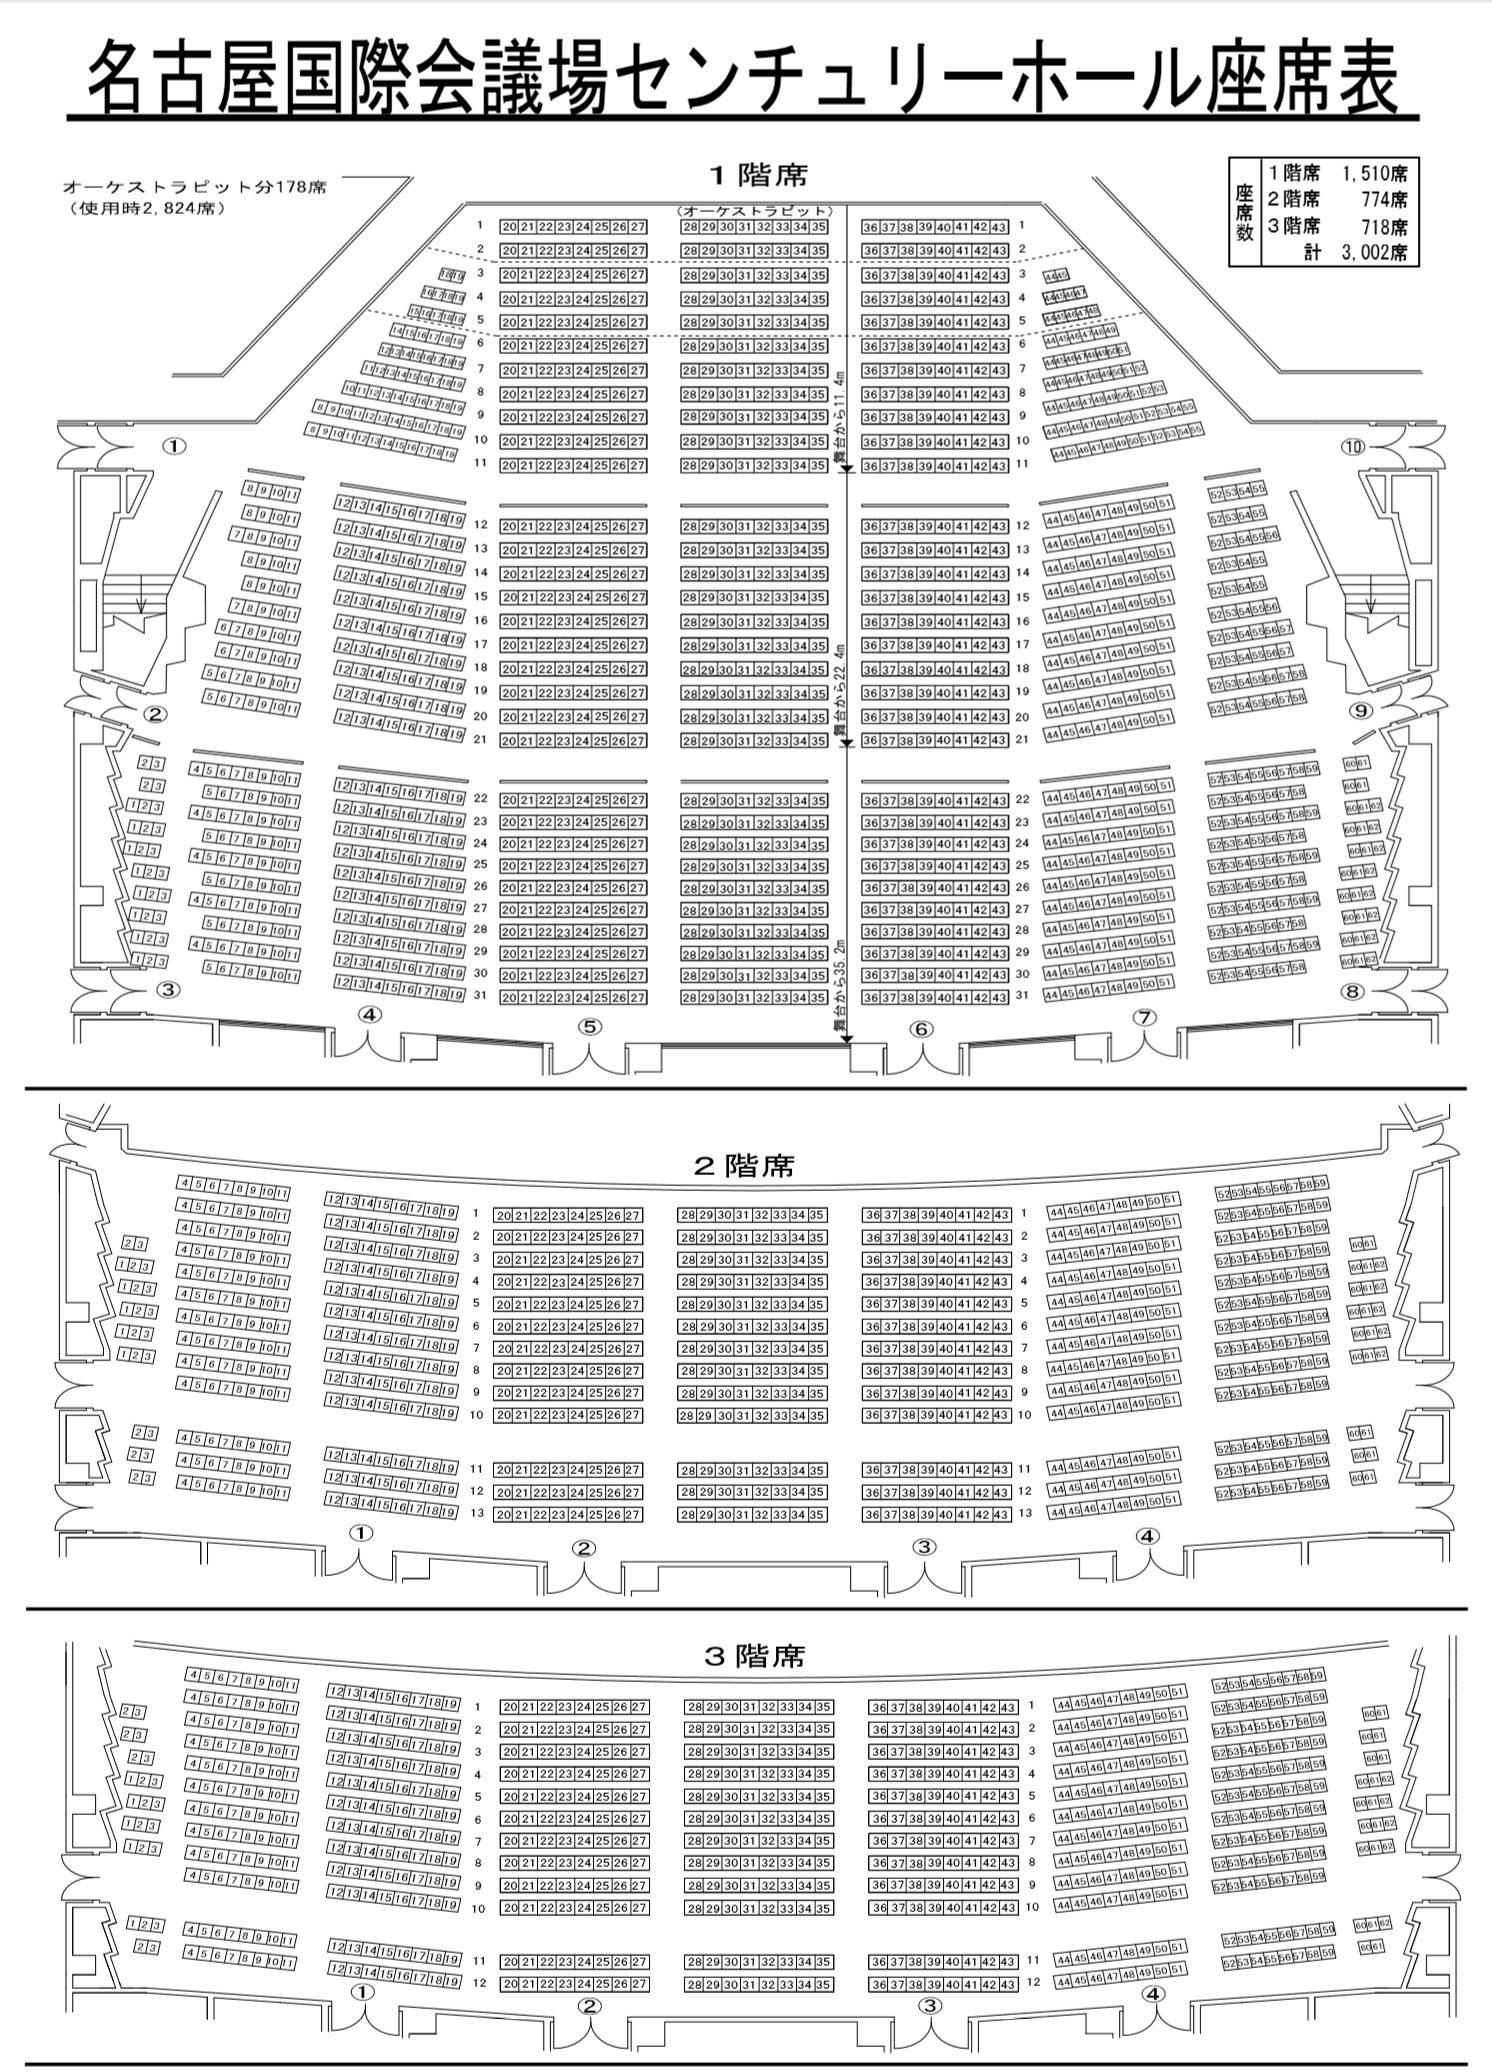 渋谷すばるライブ2020愛知のセトリ・座席・販売開始時間・レポも